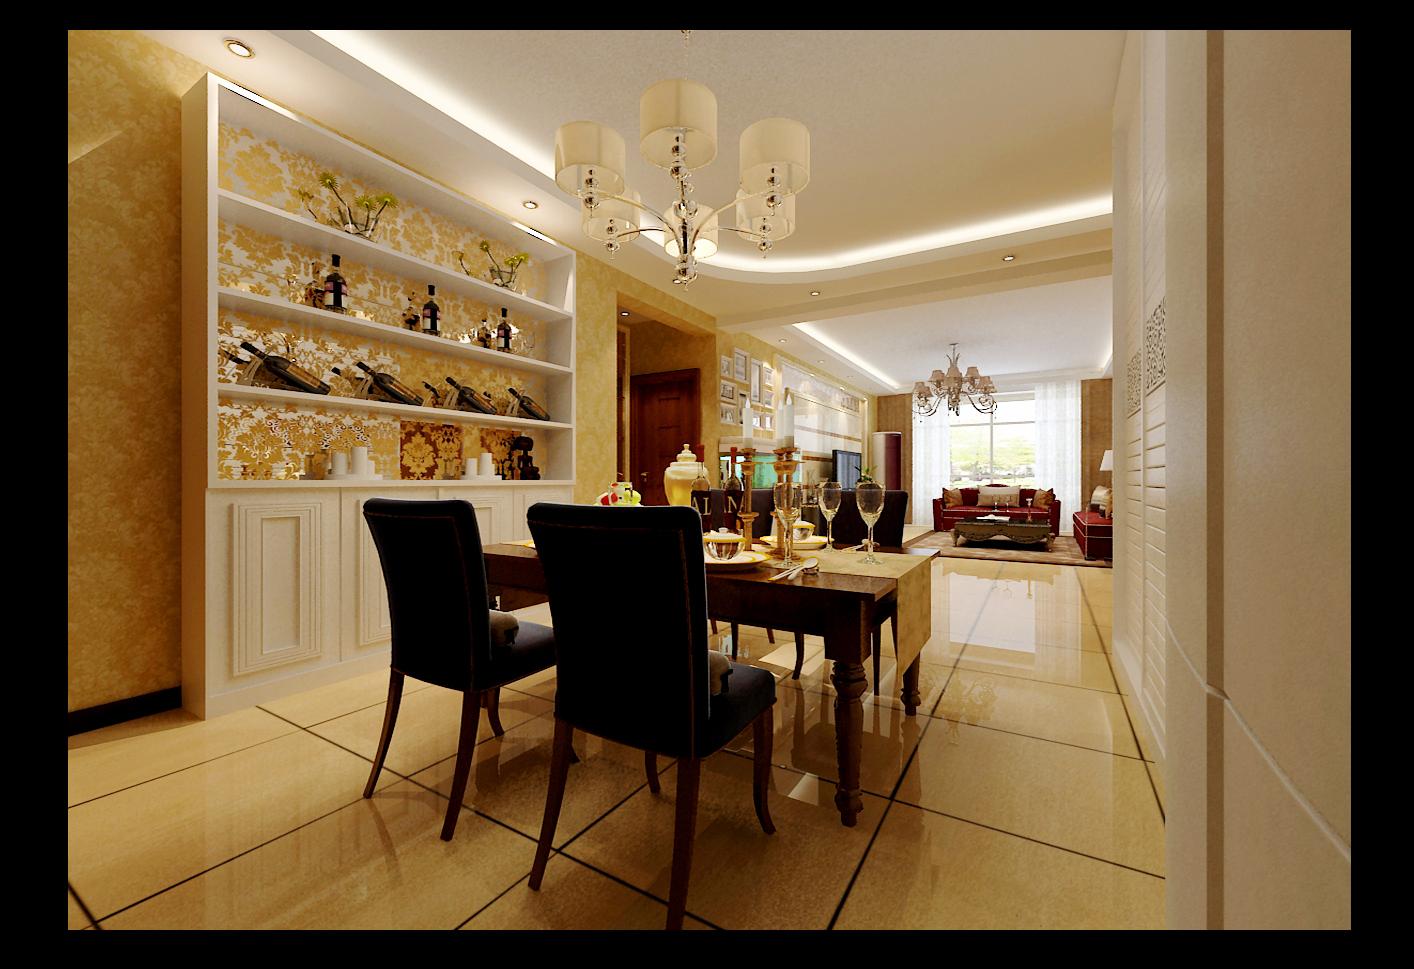 现代奢华 石家庄装修 四句 小资 新房 婚房 餐厅图片来自用户5166203636在瑞城的分享